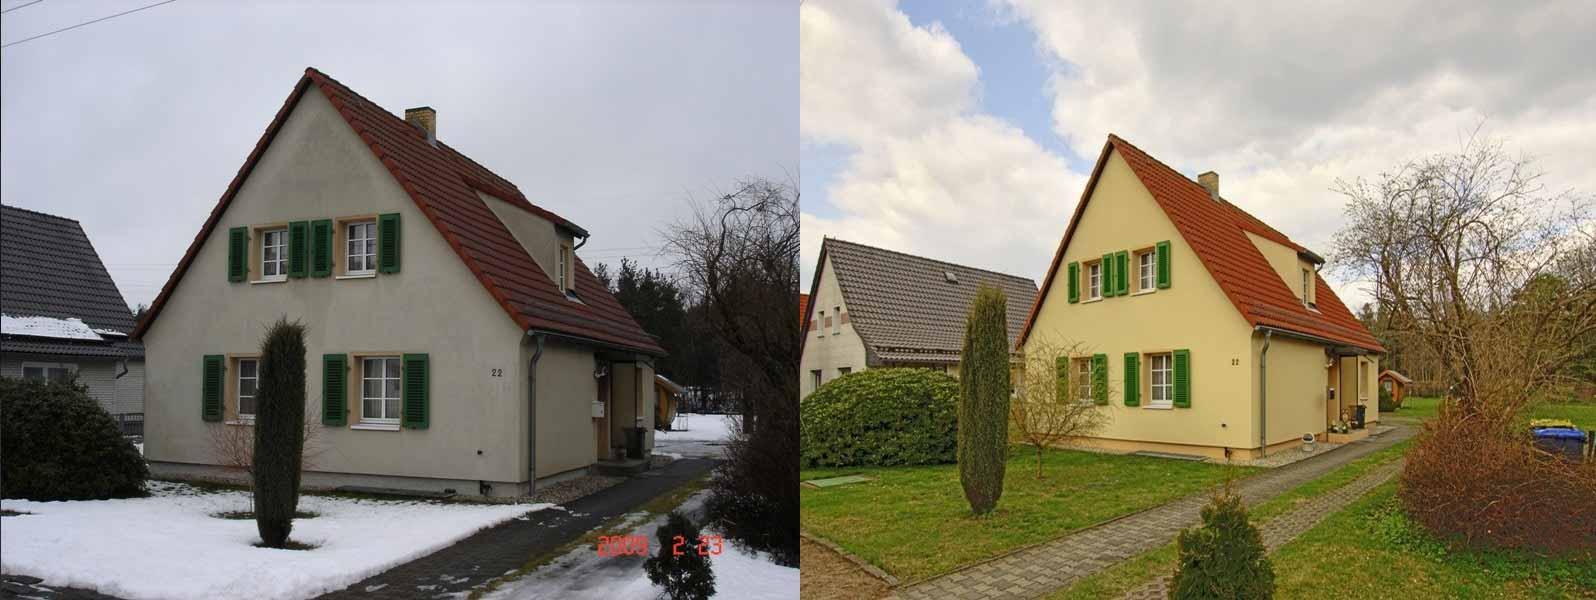 Vorher - Nachher - FIRA® Fassadenbeschichtung